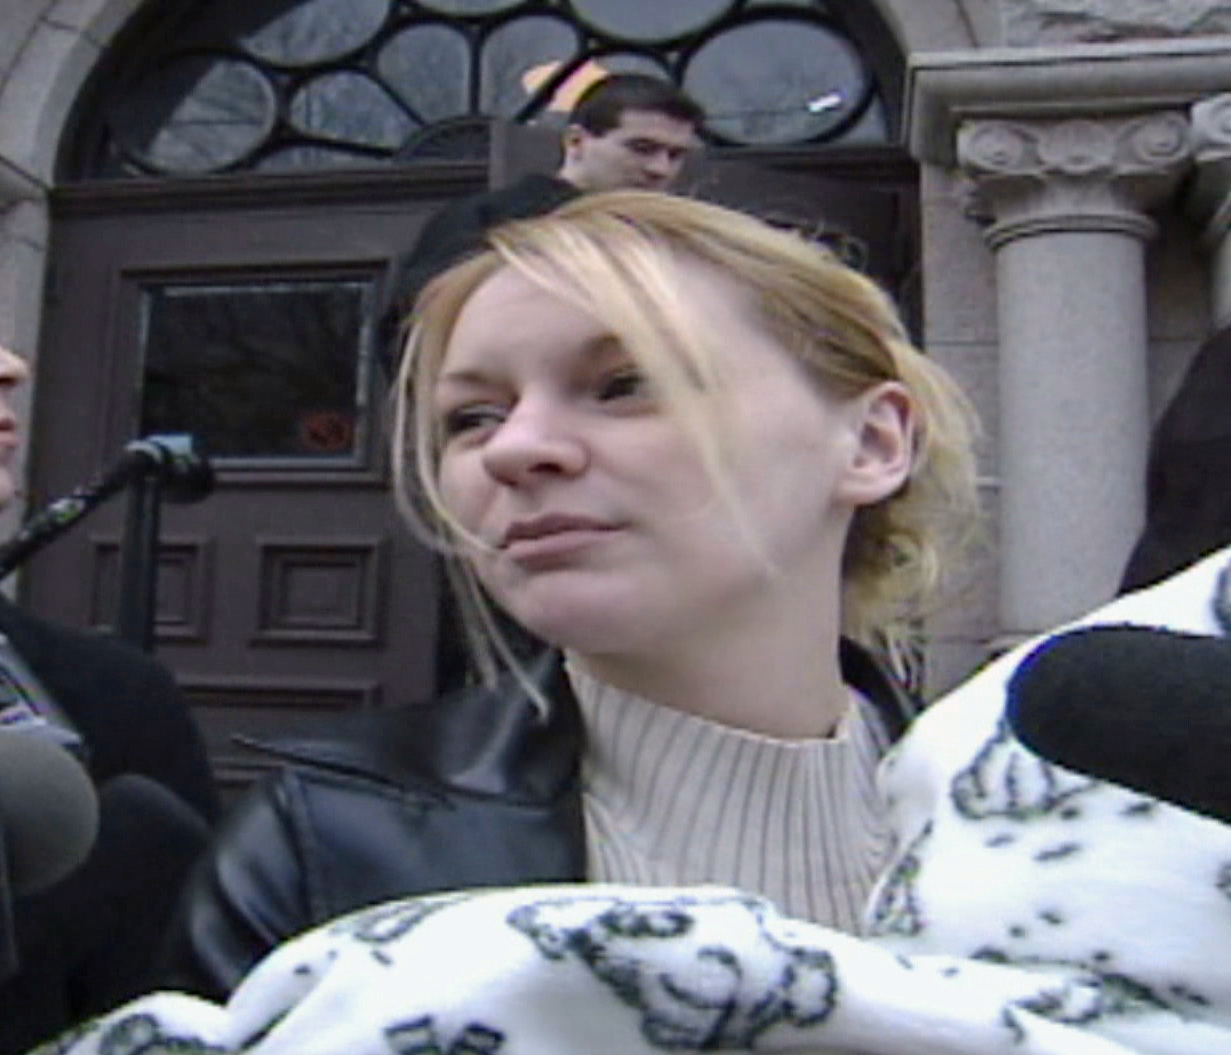 Lauralee Gillingham, 19, addresses media on the steps outside Supreme Court in St. John's in 2002. (CBC)